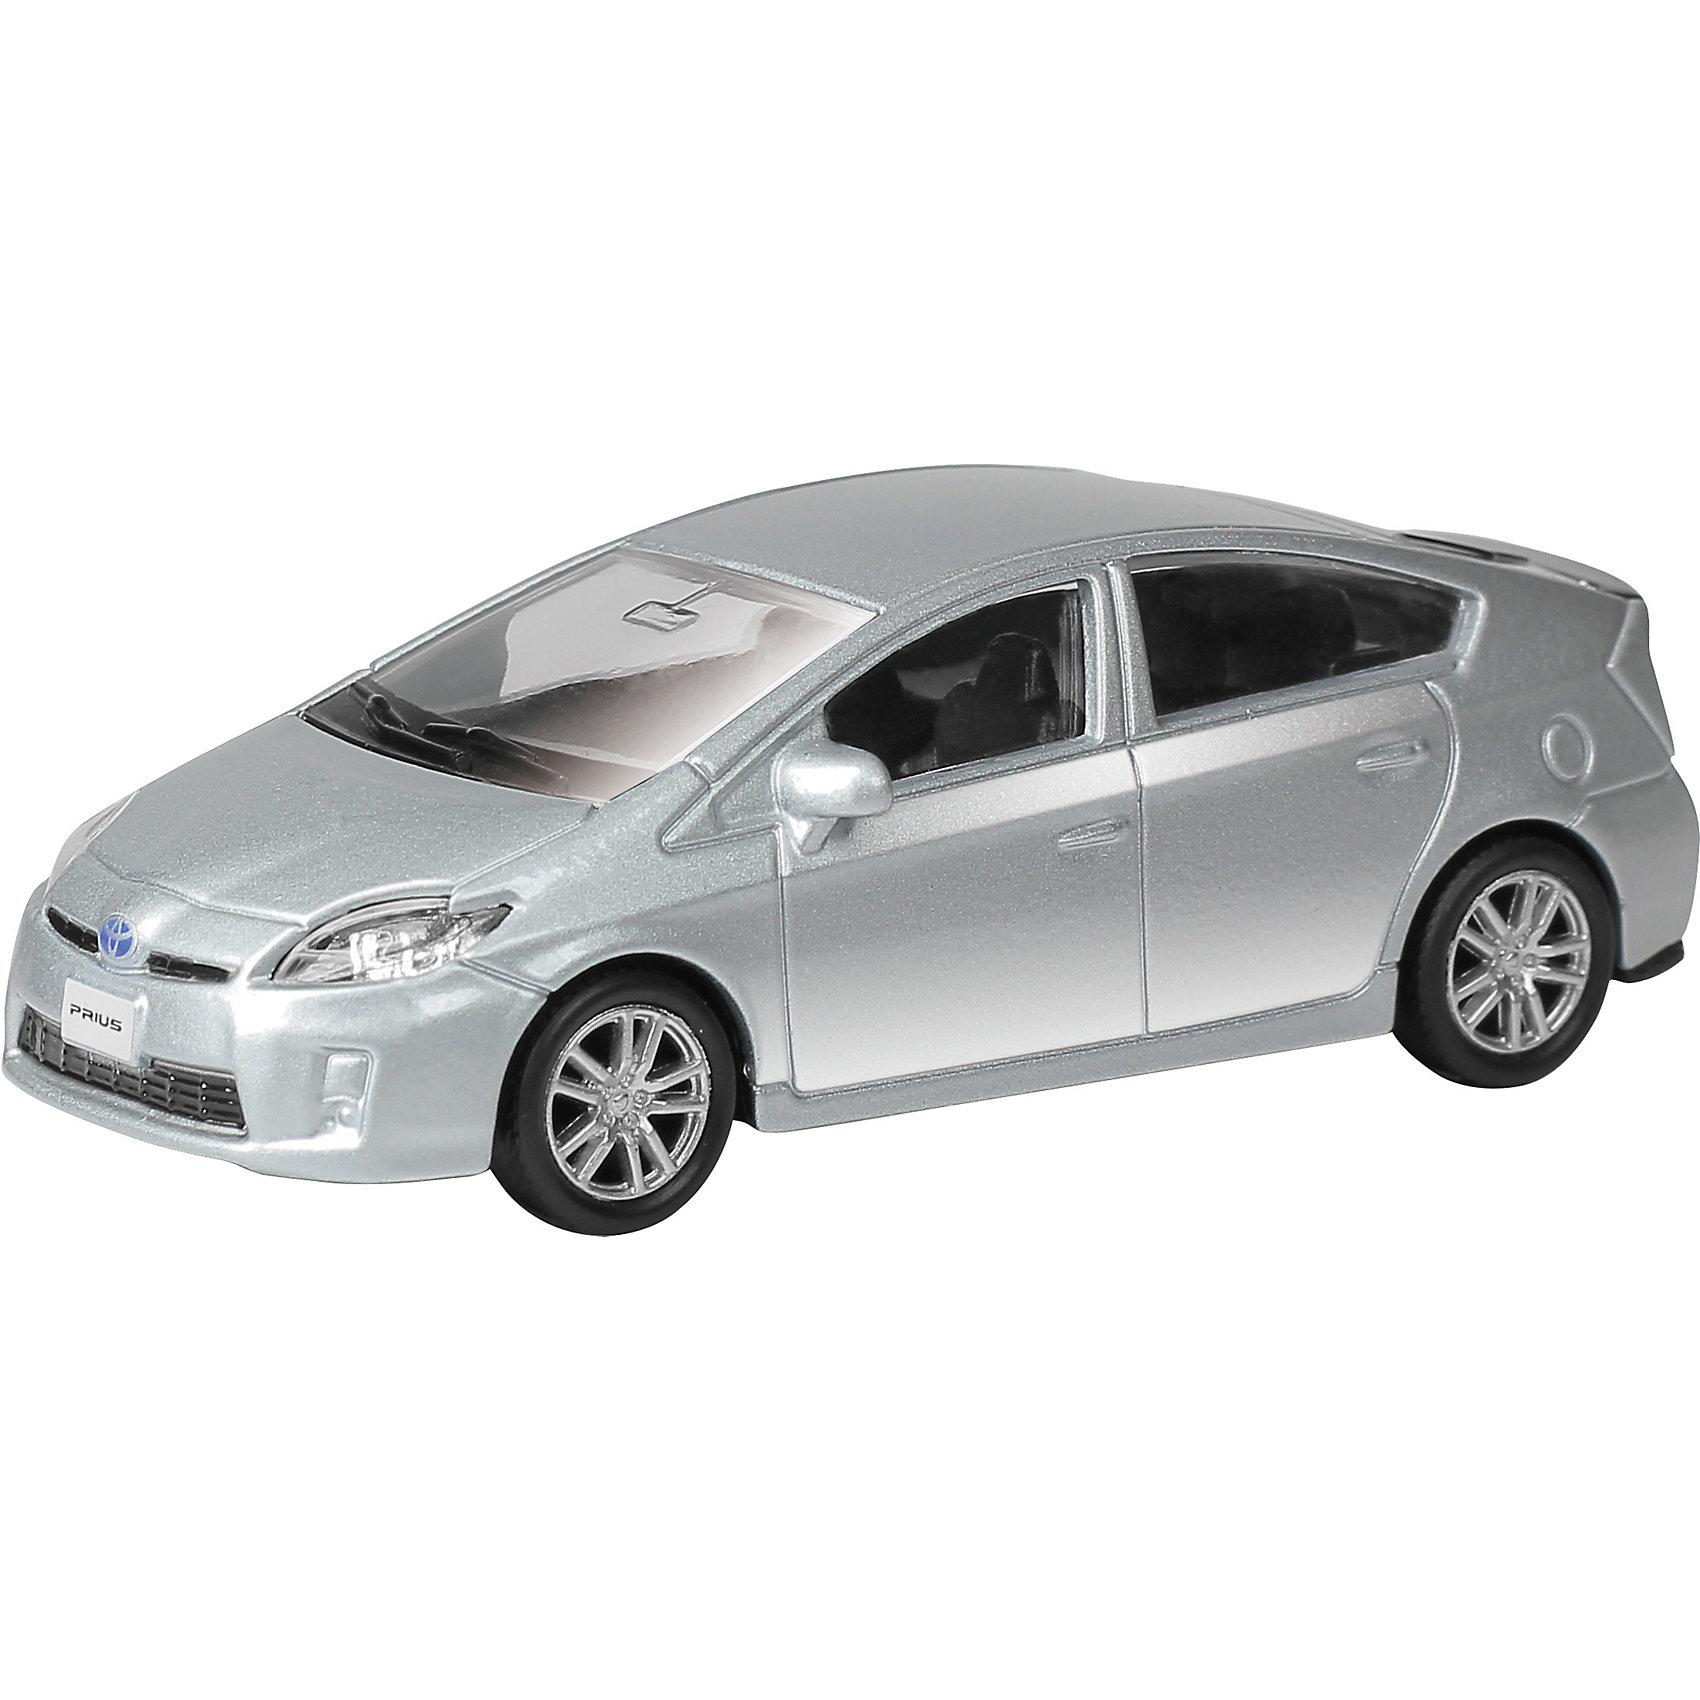 Машинка Toyota Prius 3, AutotimeМашинки<br>Характеристики товара:<br><br>• цвет: в ассортименте<br>• возраст: от 3 лет<br>• материал: металл, пластик<br>• масштаб: 1:32<br>• крутятся колеса<br>• открываются двери<br>• размер упаковки: 15х7х7 см<br>• вес с упаковкой: 100 г<br>• страна бренда: Россия, Китай<br>• страна изготовитель: Китай<br><br>Эта отлично детализированная машинка является коллекционной моделью. Это - миниатюрная копия реально существующей модели.<br><br>Сделана машинка из прочного и безопасного материала. Благодаря прозрачным стеклам виден подробно проработанный салон.<br><br>Машинку «Toyota Prius 3», Autotime (Автотайм) можно купить в нашем интернет-магазине.<br><br>Ширина мм: 90<br>Глубина мм: 42<br>Высота мм: 40<br>Вес г: 13<br>Возраст от месяцев: 36<br>Возраст до месяцев: 2147483647<br>Пол: Мужской<br>Возраст: Детский<br>SKU: 5584087